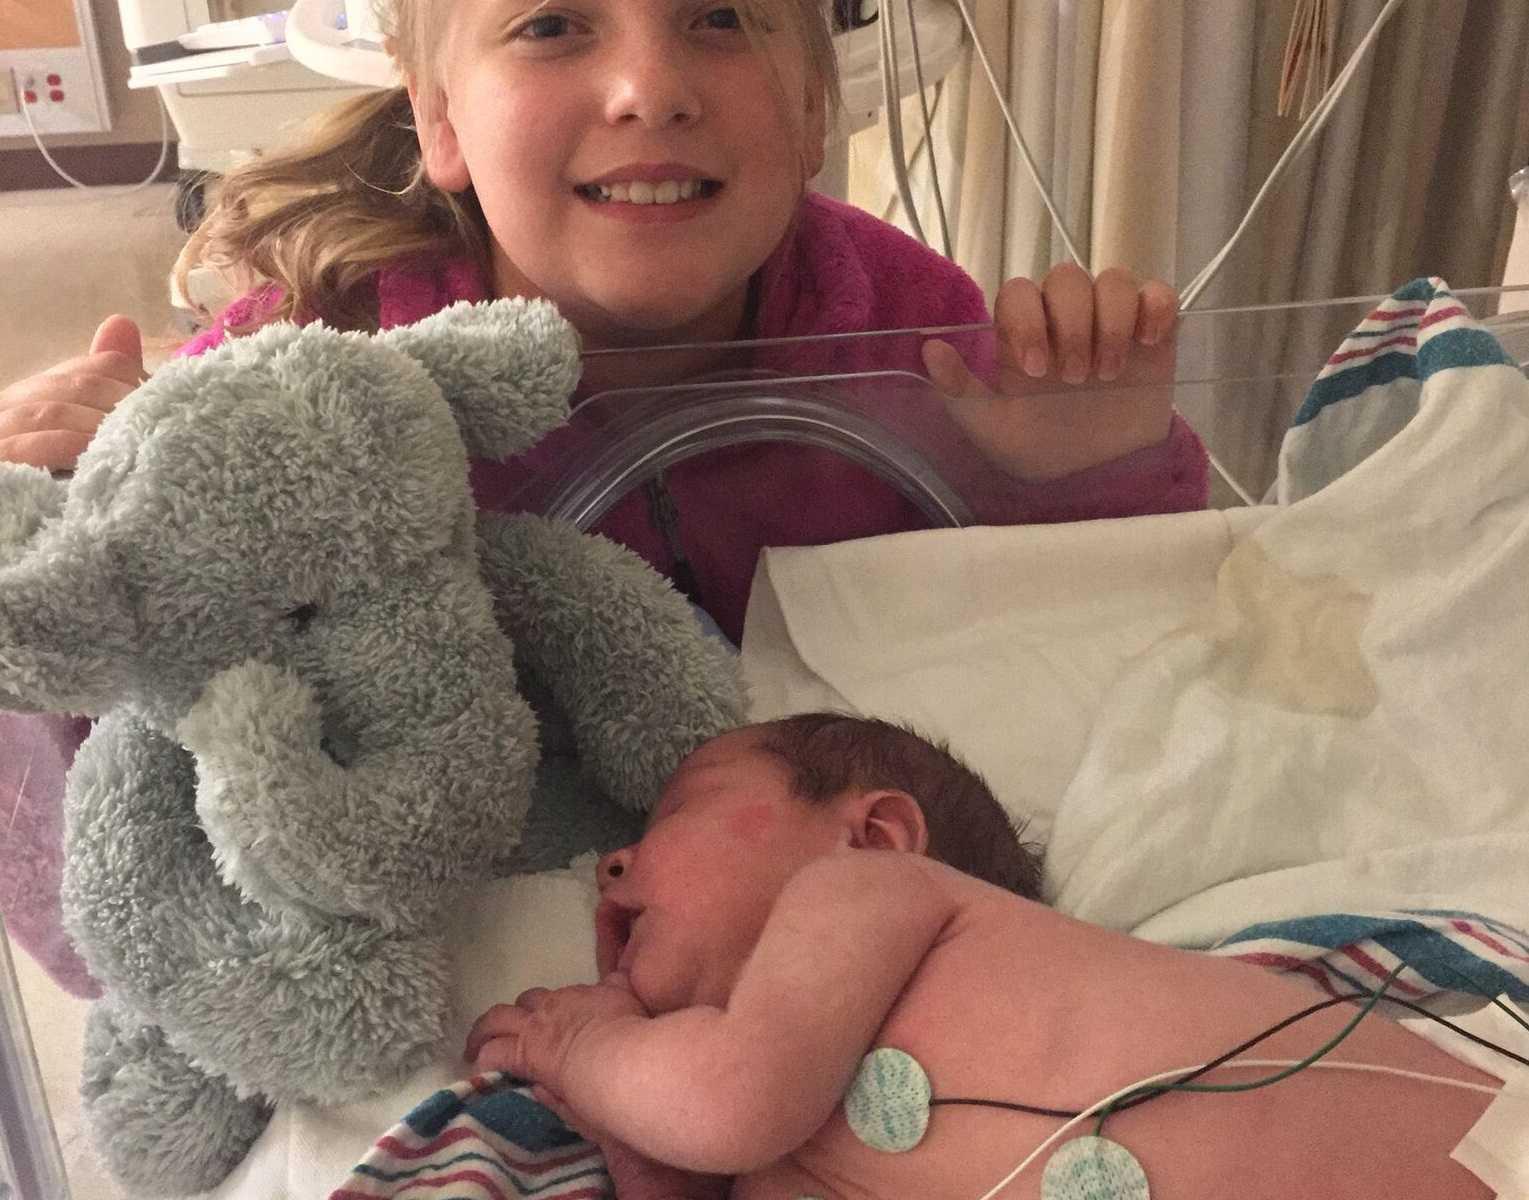 irmã bebê uti neonatal elefante pelúcia